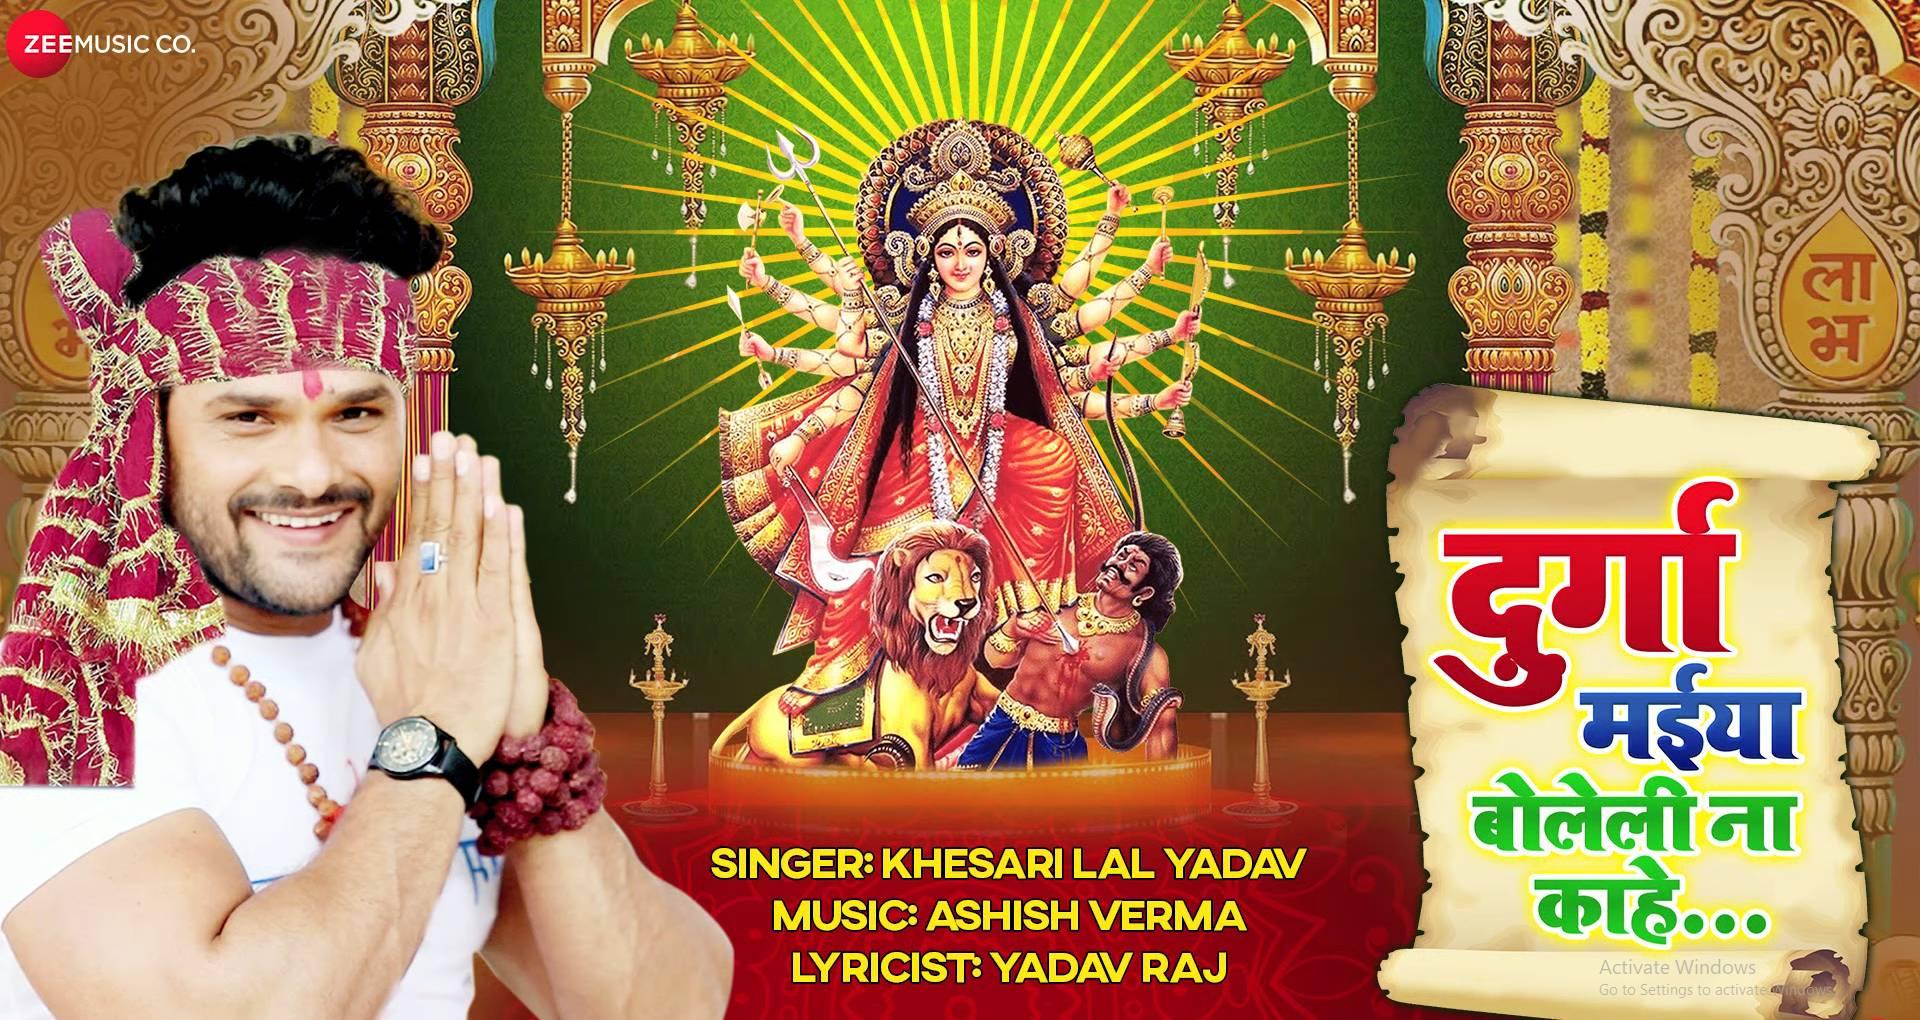 Durga Maiya Boleli Na Kahe Song: खेसारी लाल यादव का नया देवी गीत, इस गाने में बता रहे हैं एक बच्चे की फीलिंग